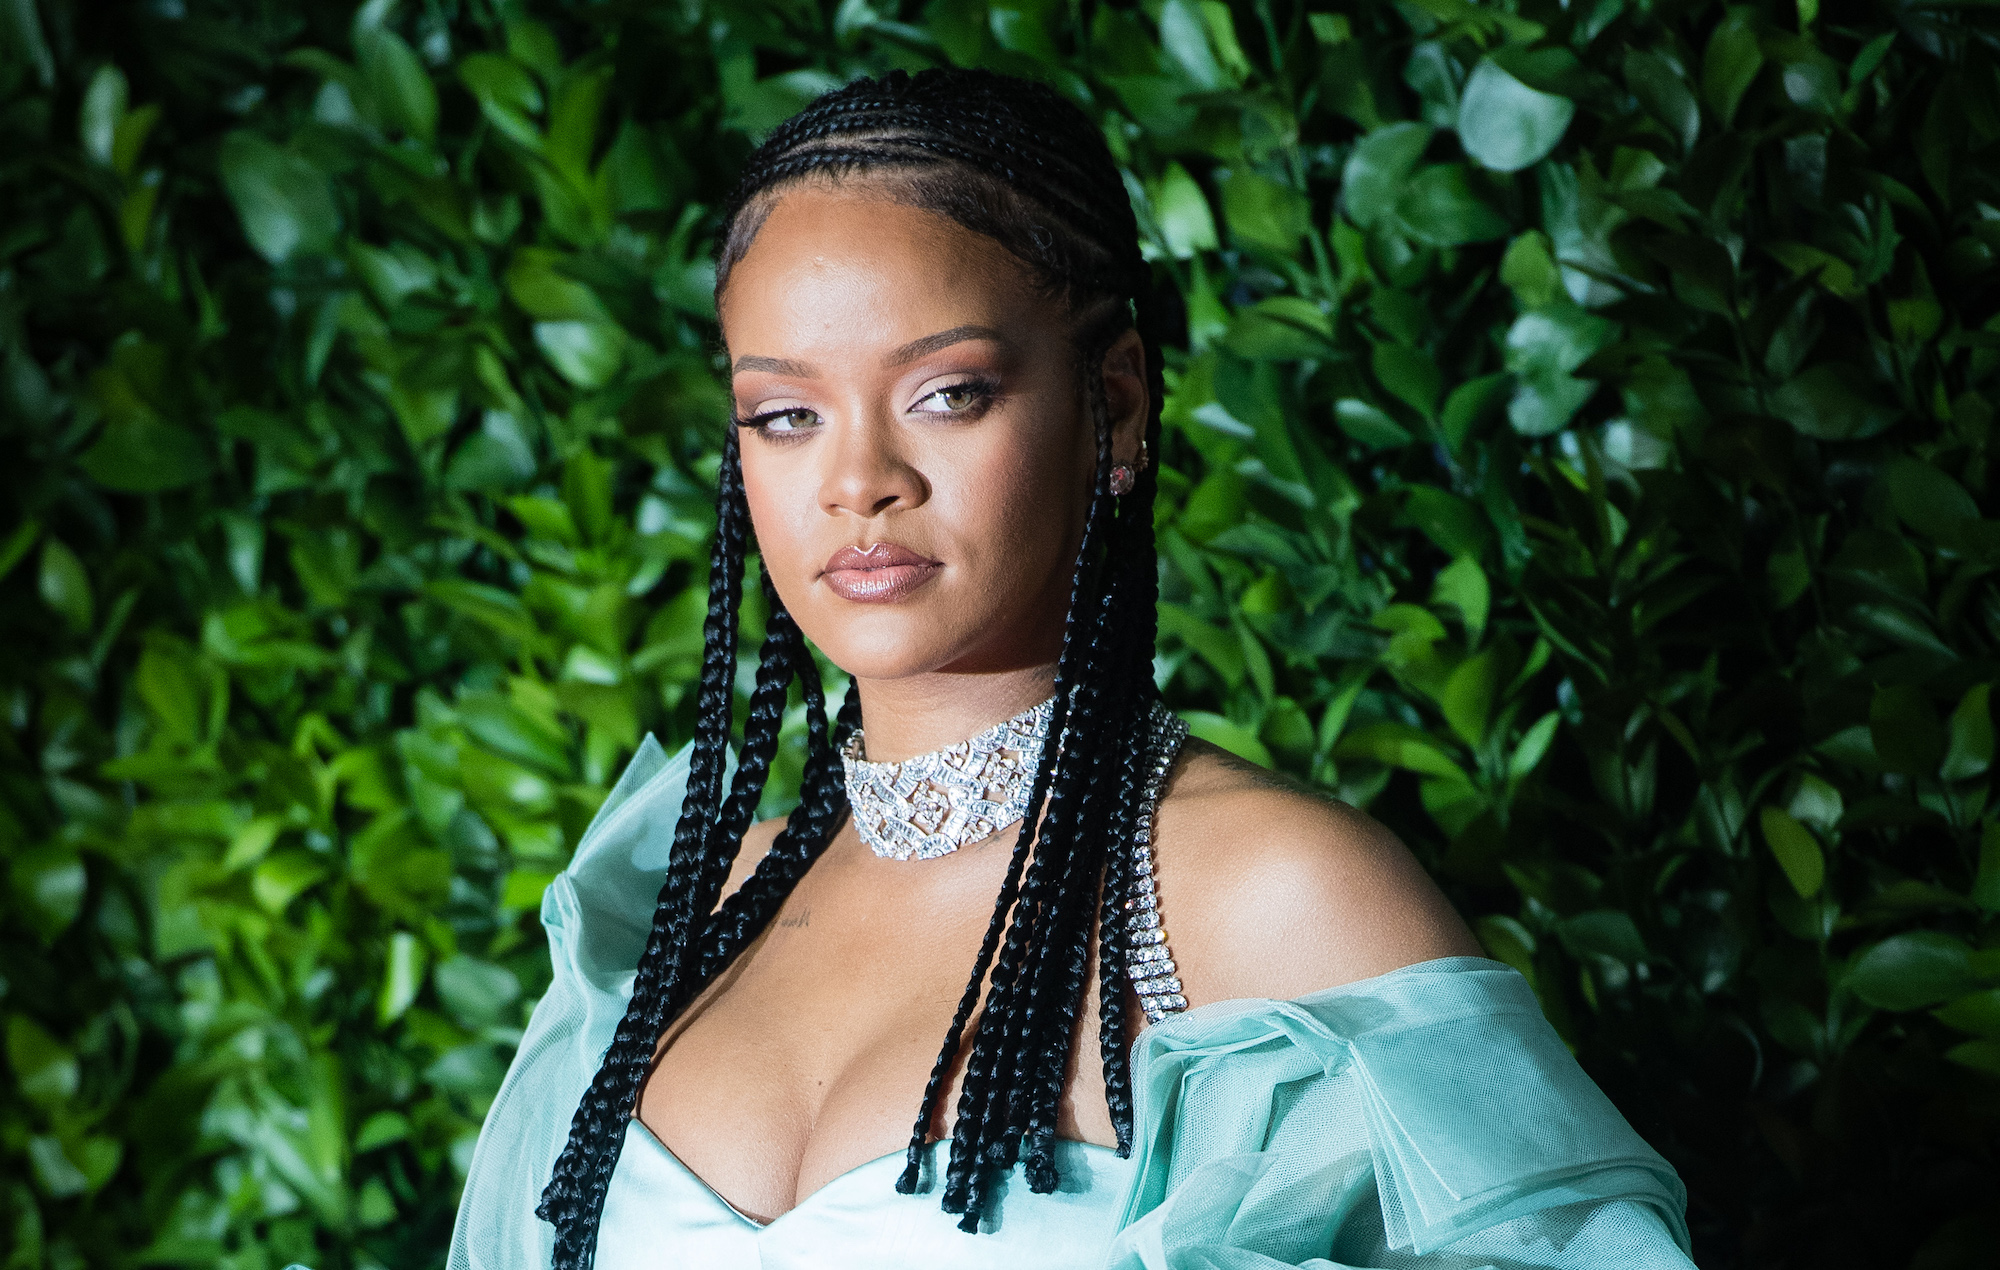 Rihanna provoque la colère des musulmans : Son défilé de lingerie au coeur de la polémique